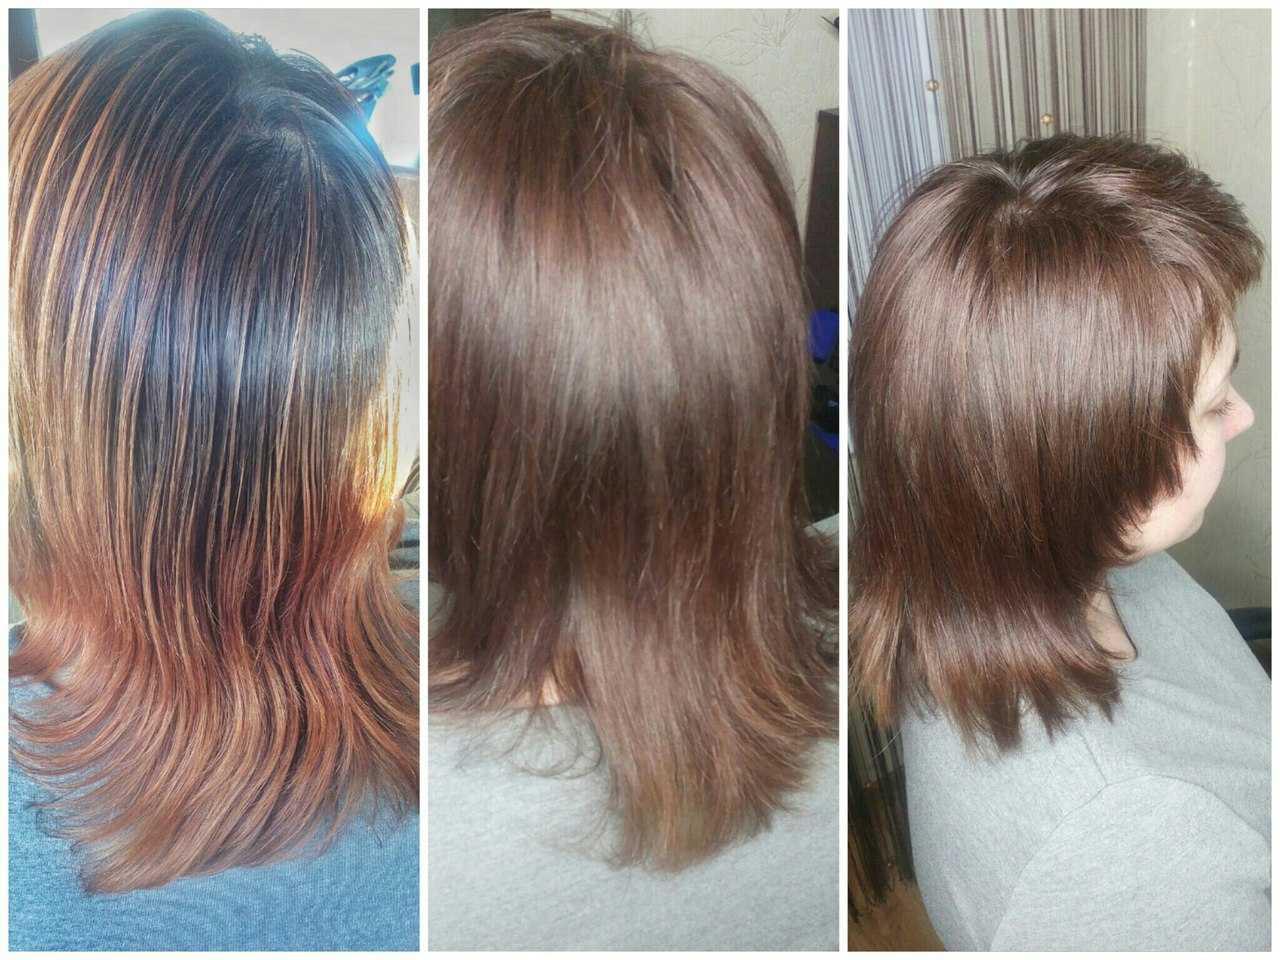 Краска для волос без оттенка рыжего. краска для седых волос. как покрасить волосы без рыжины?